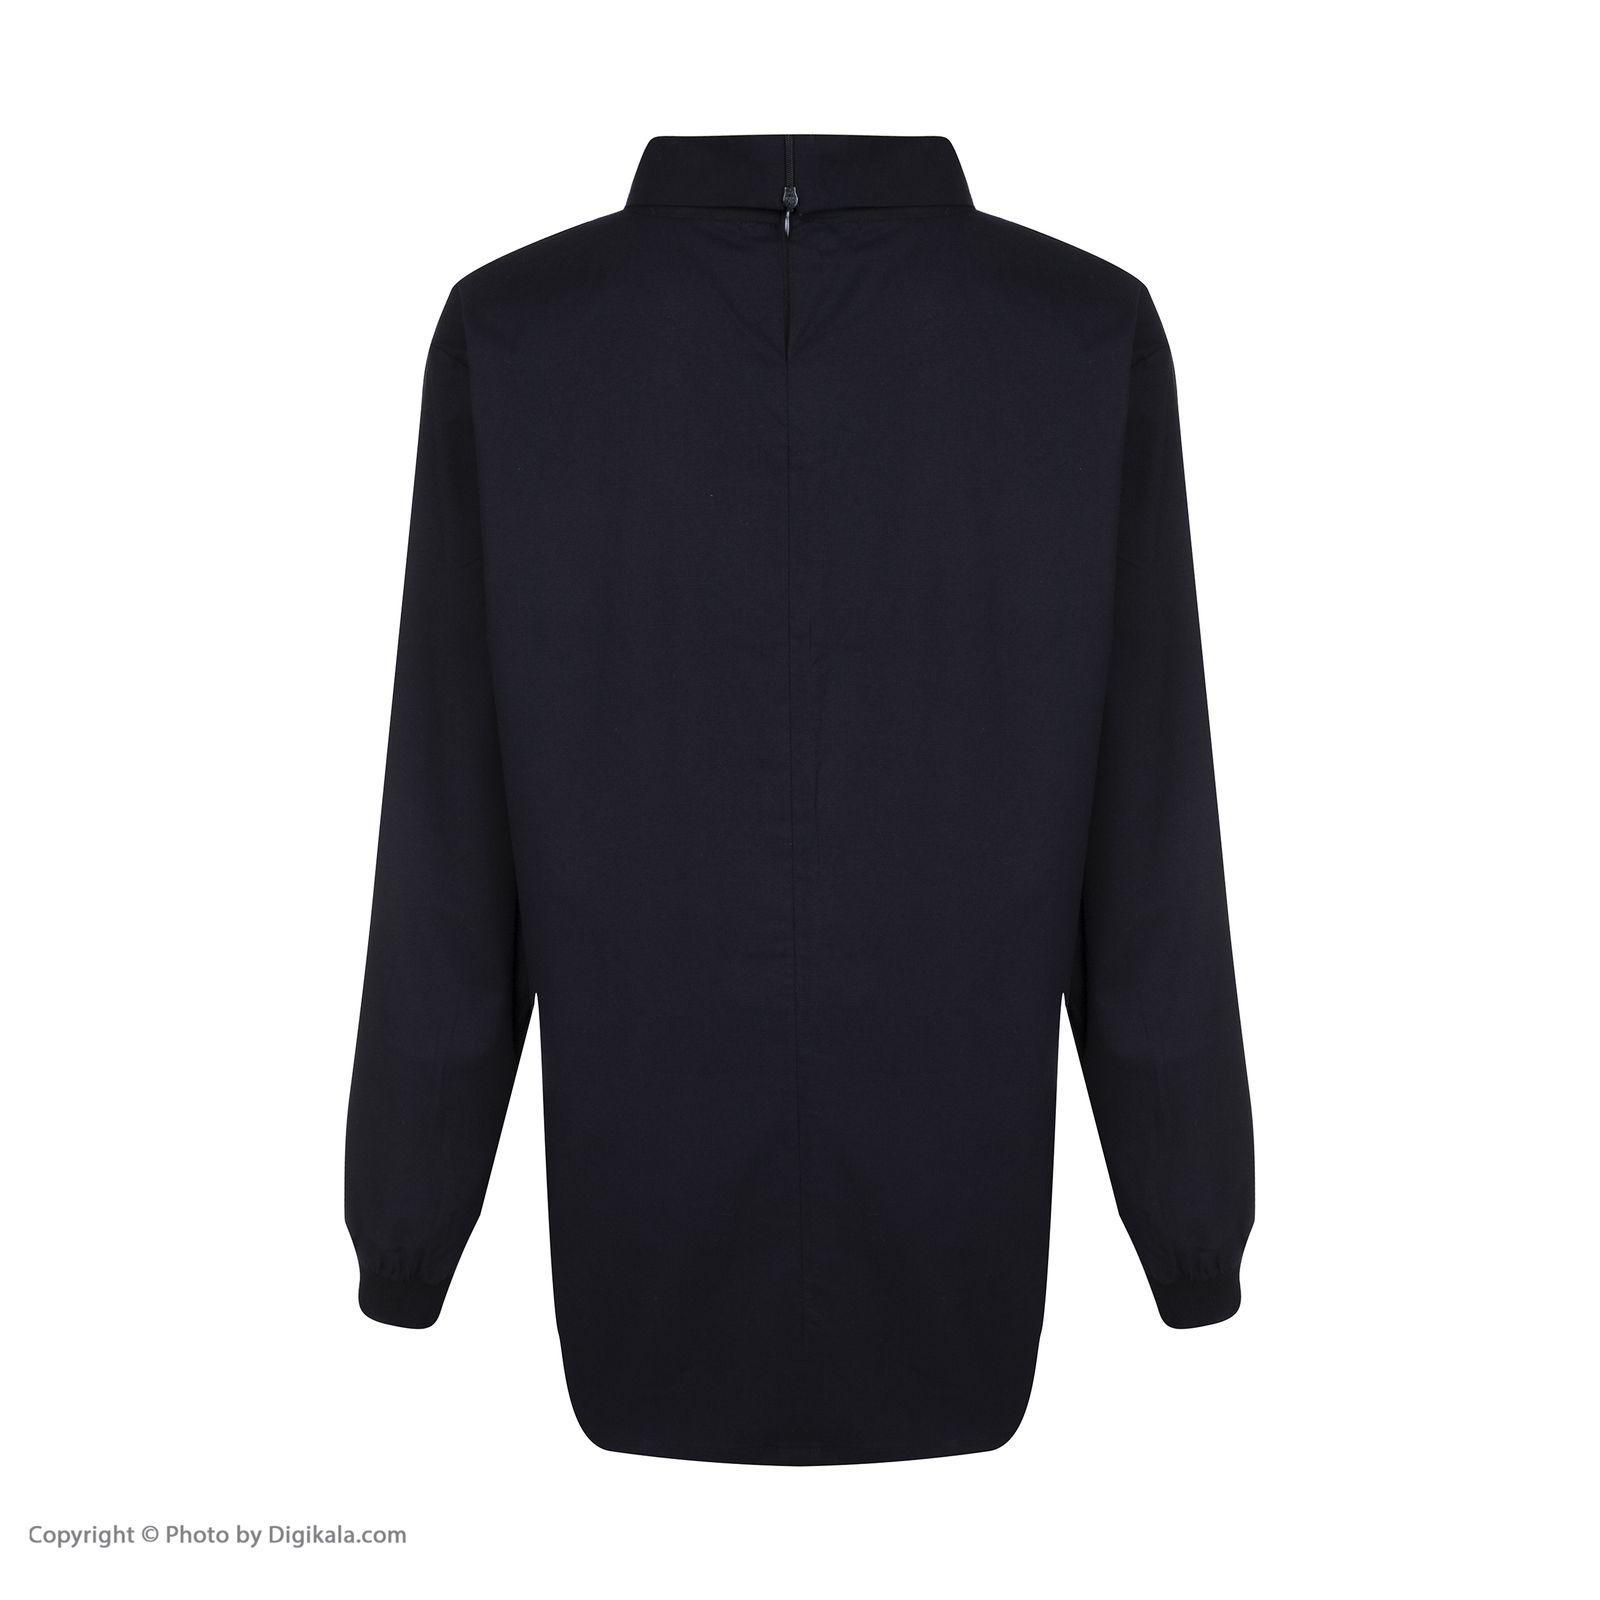 پیراهن آستین بلند مردانه هیتو استایل مدل D127F270 -  - 3